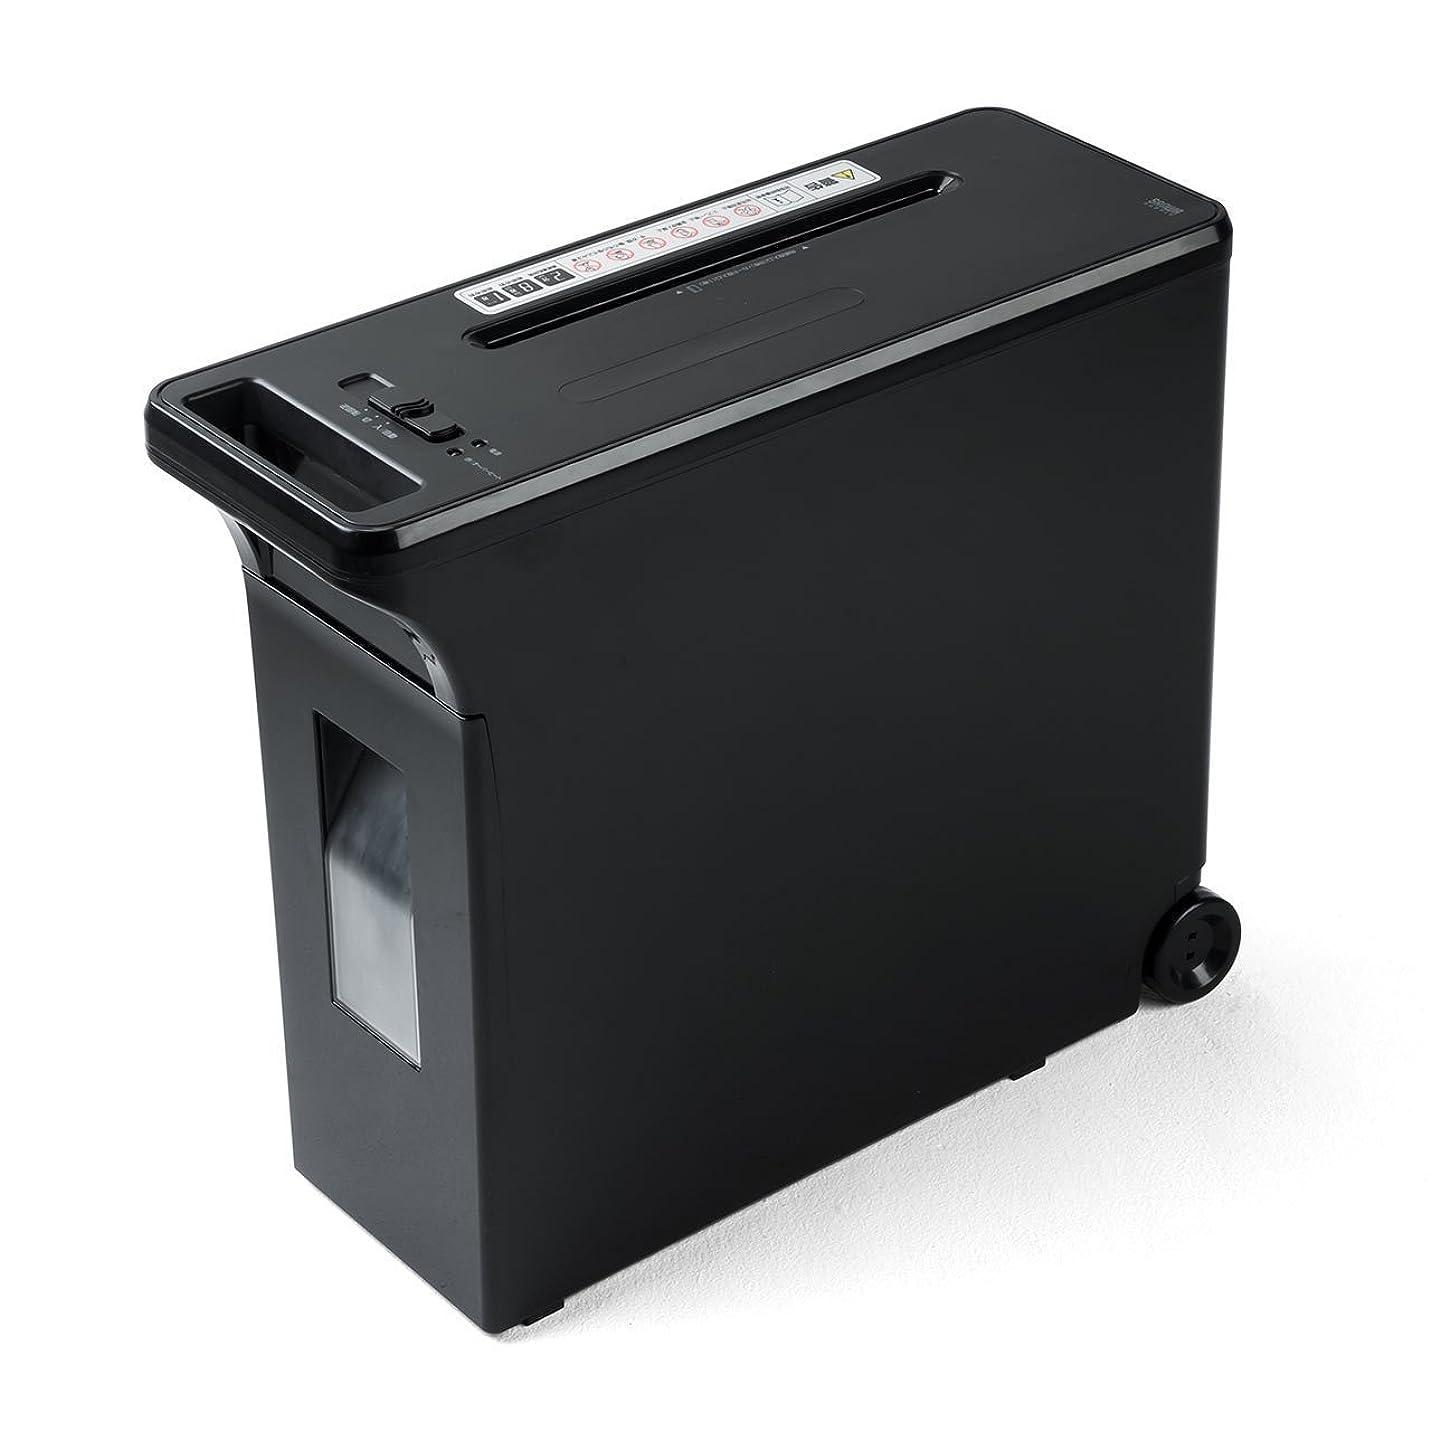 祖母臭い全国イーサプライ コロコロシュレッダー 電動 クロスカット キャスター 取っ手付き A4 連続使用時間2分 8枚同時細断 家庭用 業務用 デスクサイドシュレッダー EZ4-PSD027